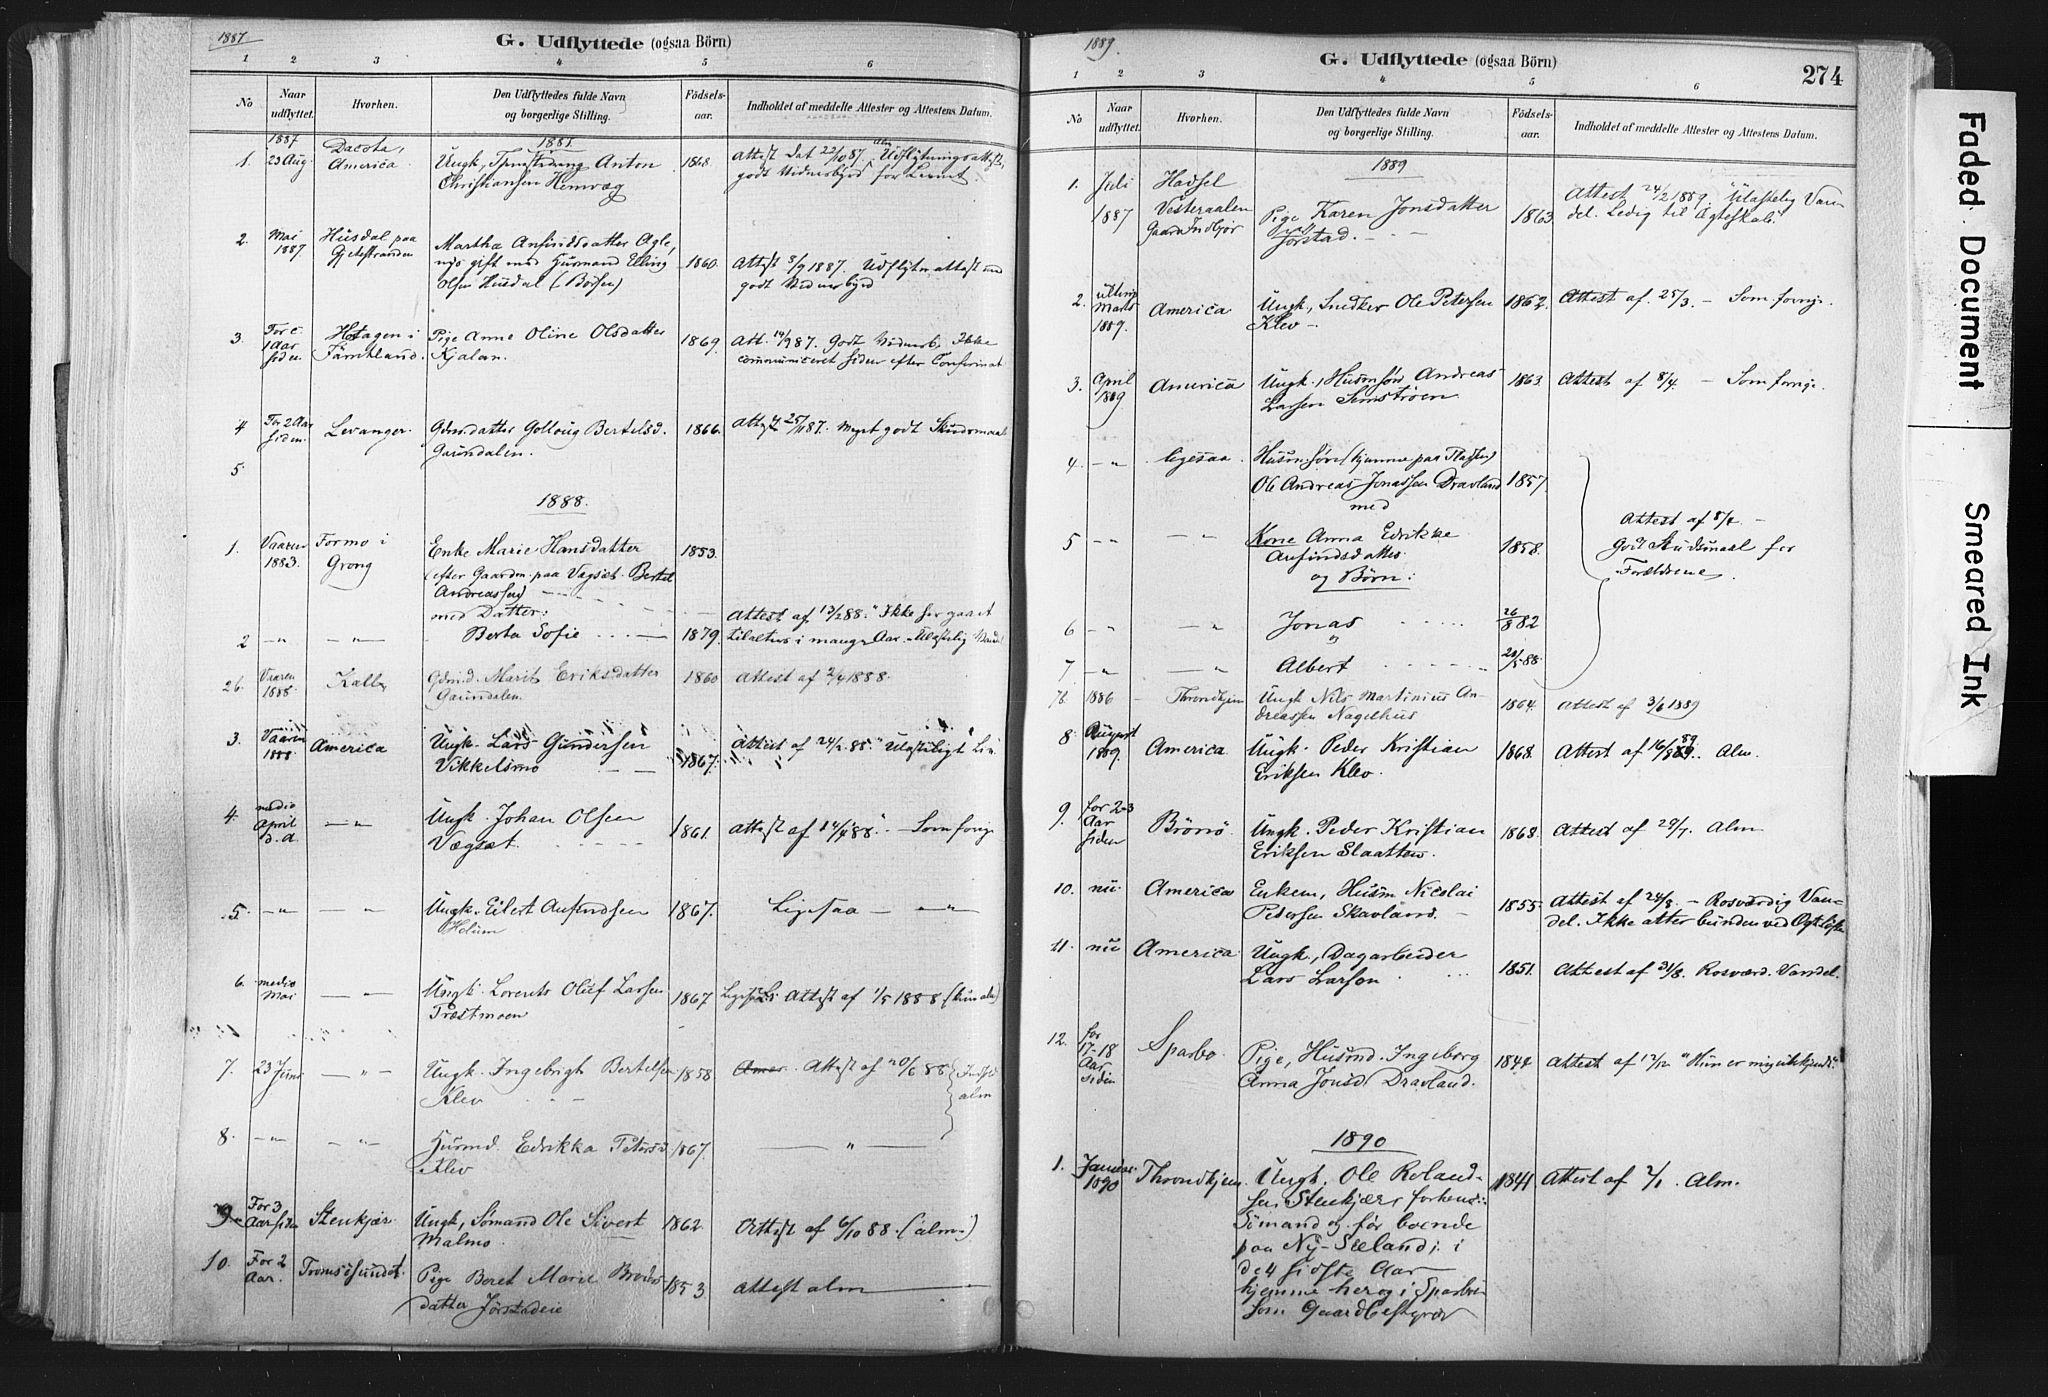 SAT, Ministerialprotokoller, klokkerbøker og fødselsregistre - Nord-Trøndelag, 749/L0474: Ministerialbok nr. 749A08, 1887-1903, s. 274